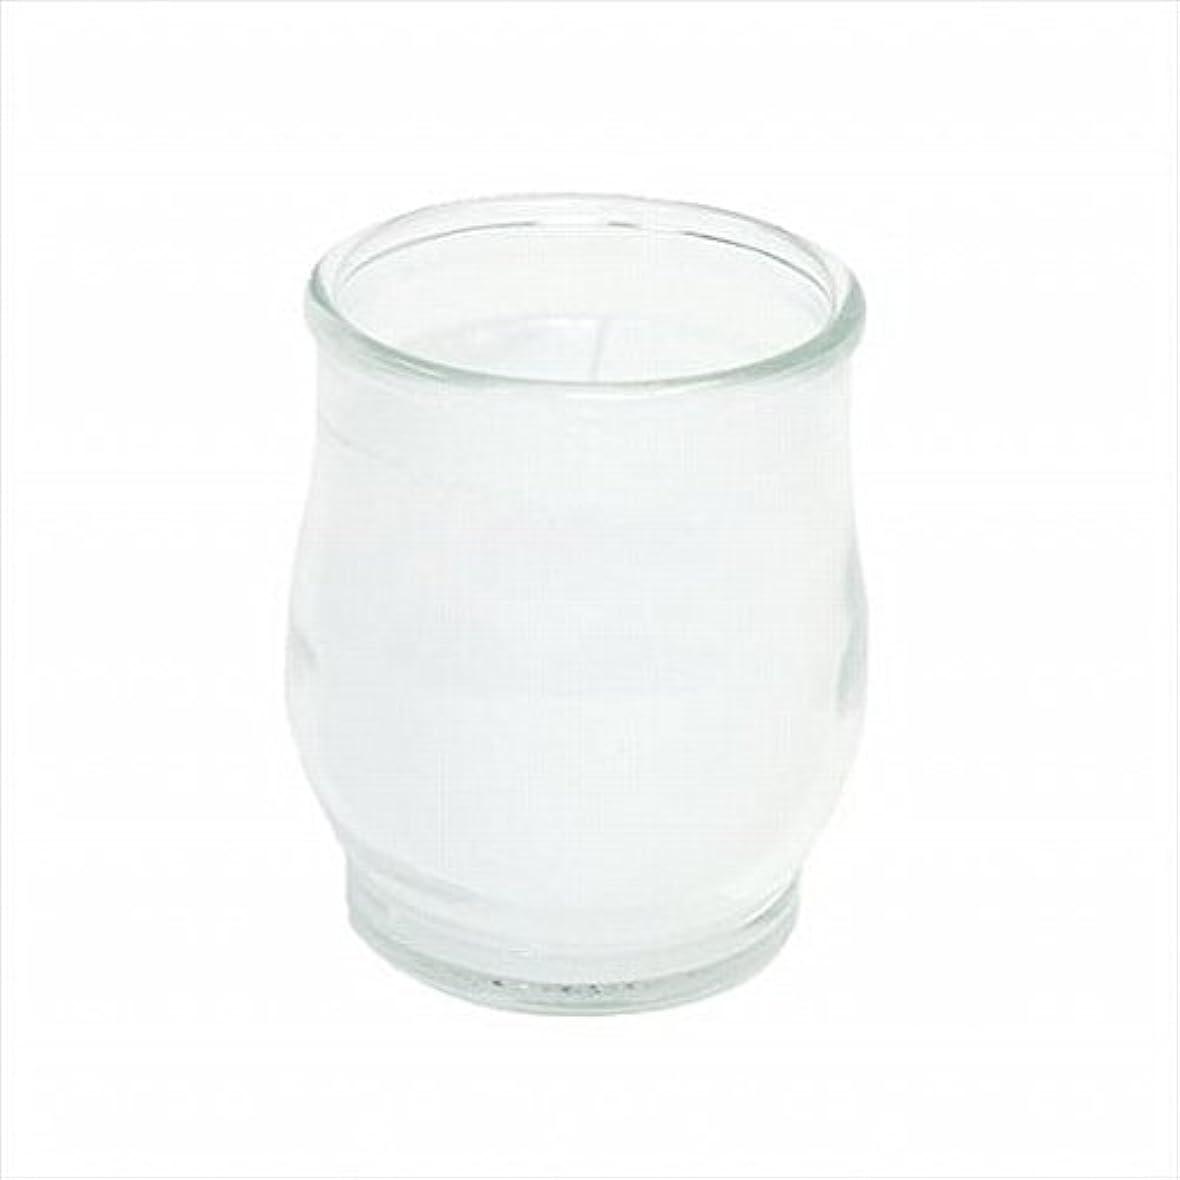 面白い共感する襟kameyama candle(カメヤマキャンドル) ポシェ(非常用コップローソク) 「 クリア 」 キャンドル 68x68x80mm (73020000C)